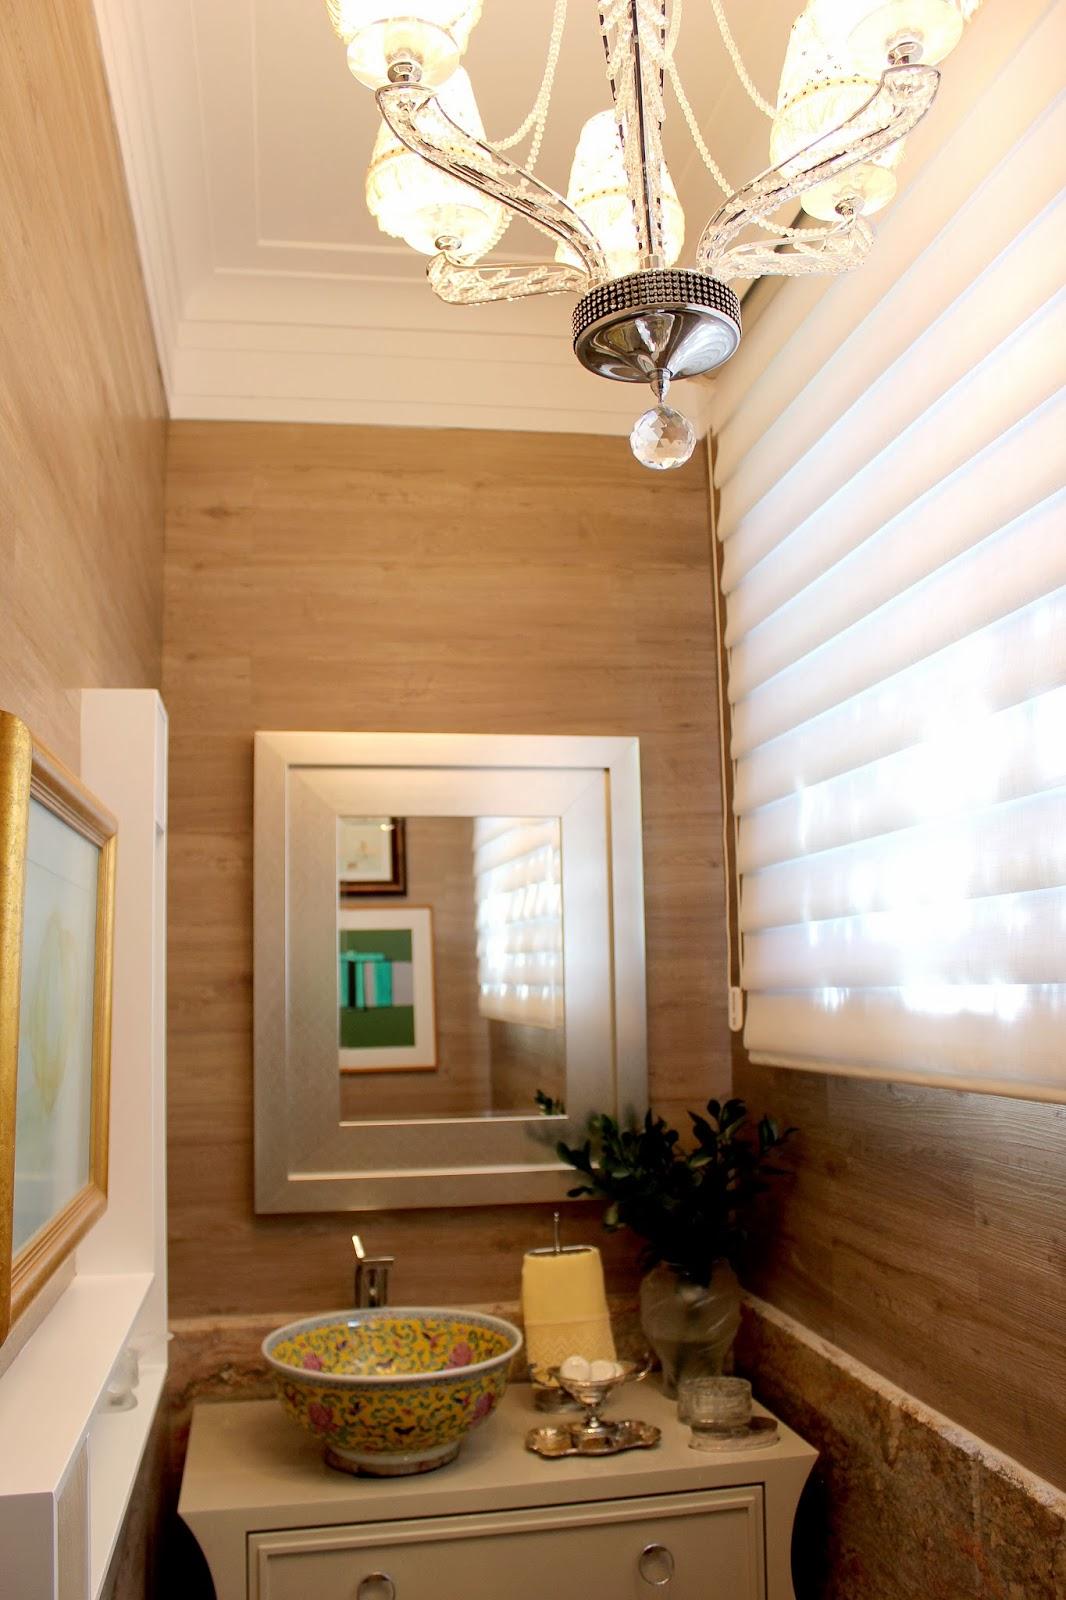 Ateli revestimentos 10 sugest es para decorar banheiros for Piso rustico moderno